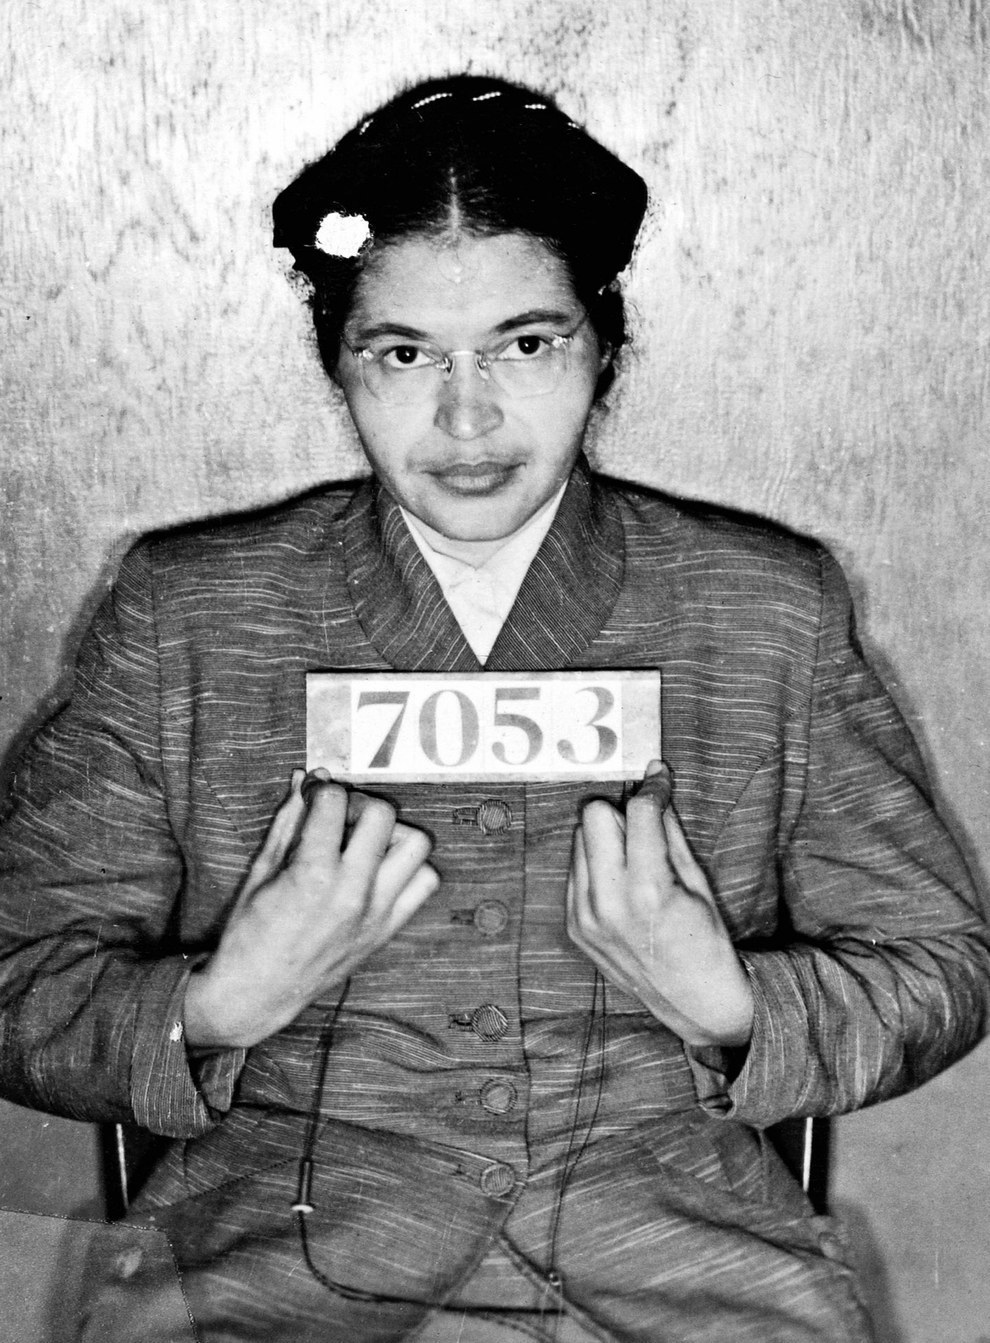 La foto de detenida de Rosa Parks en 1955 después de negarse a ceder su asiento en un autobús público a un pasajero blanco.